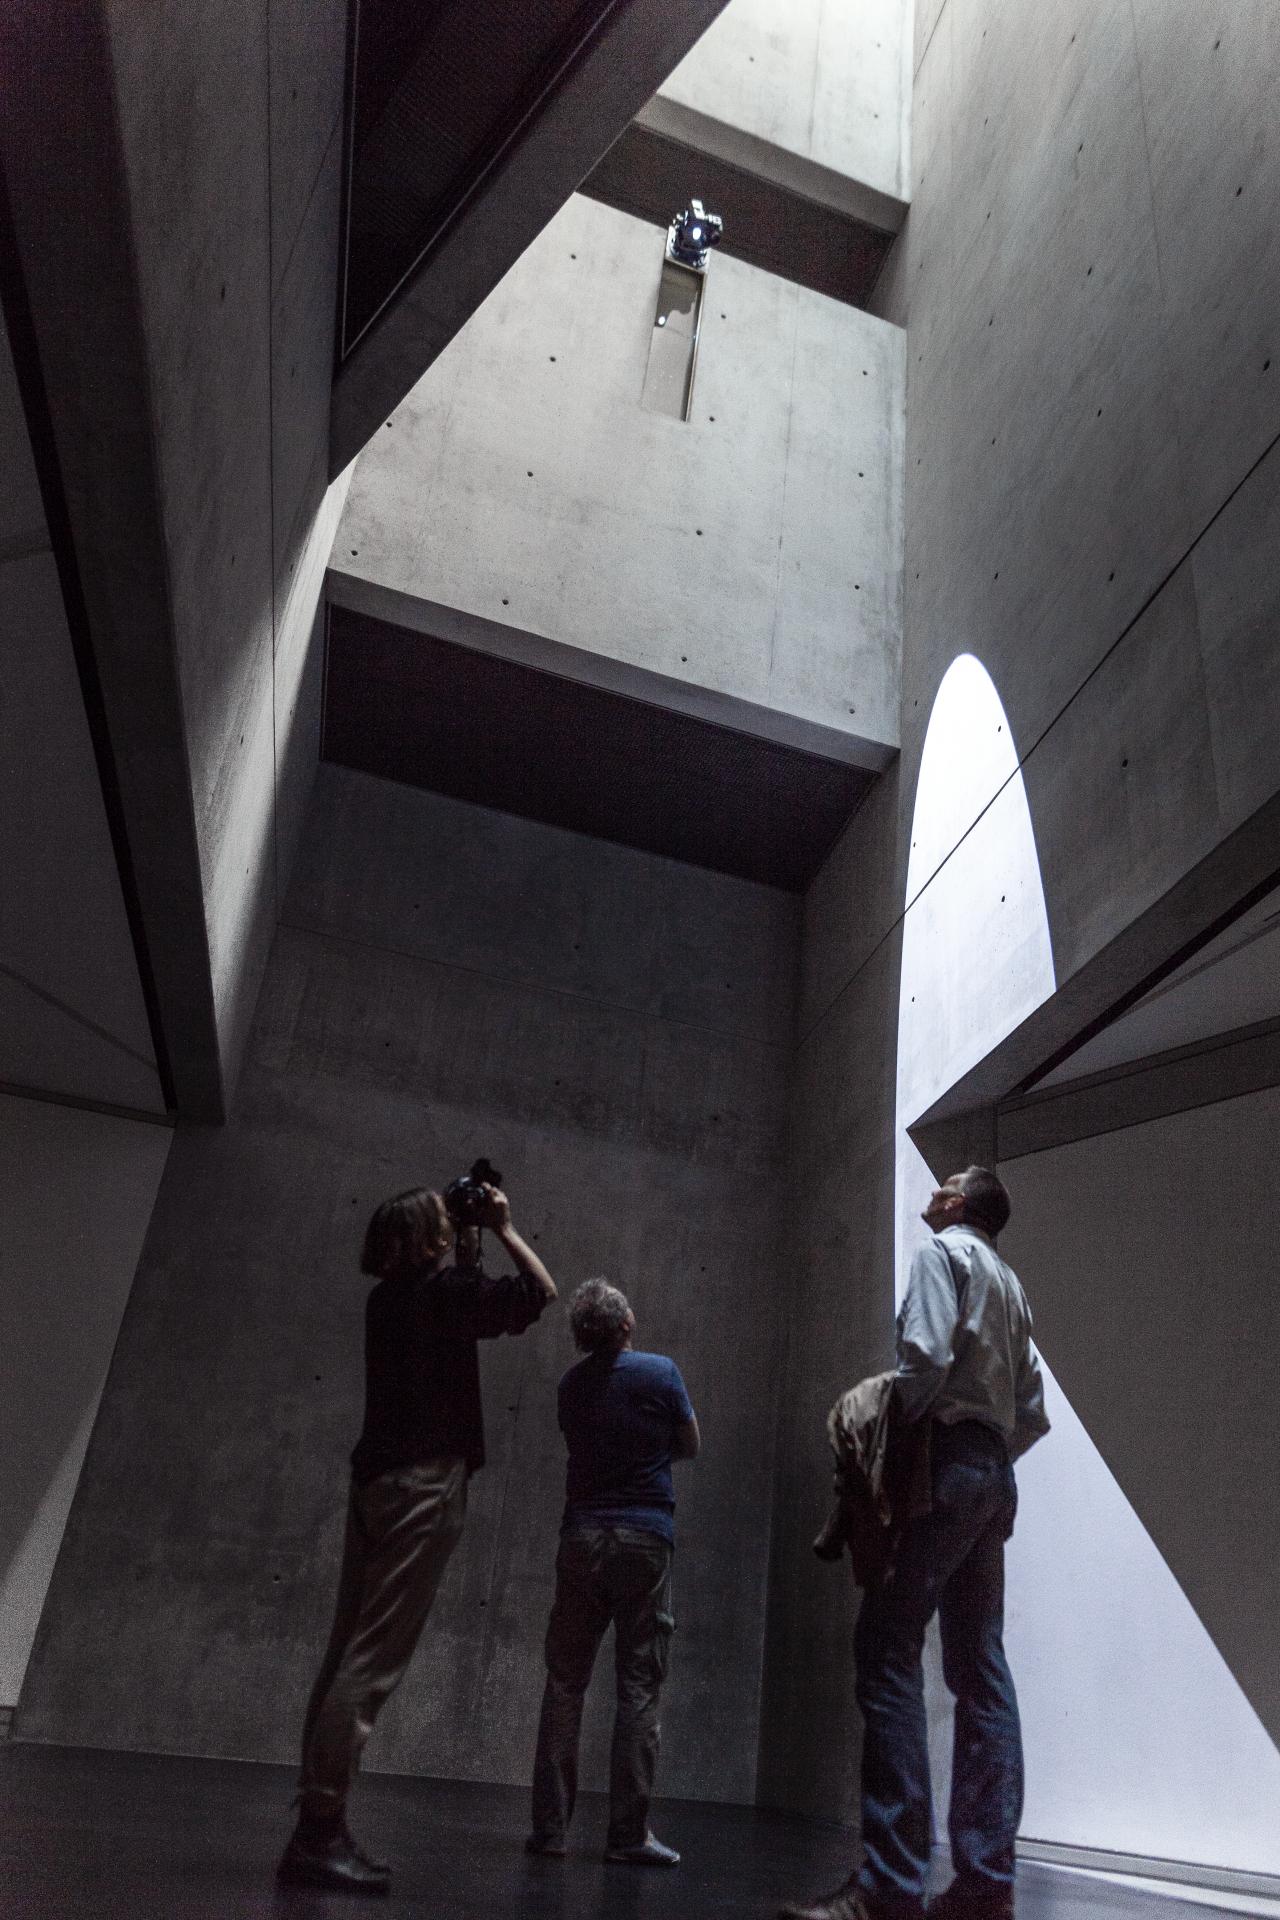 Zu sehen sind 3 Personen in einem hohen Raum mit Betonwänden, in den das Sonnenlicht von oben reinstrahlt